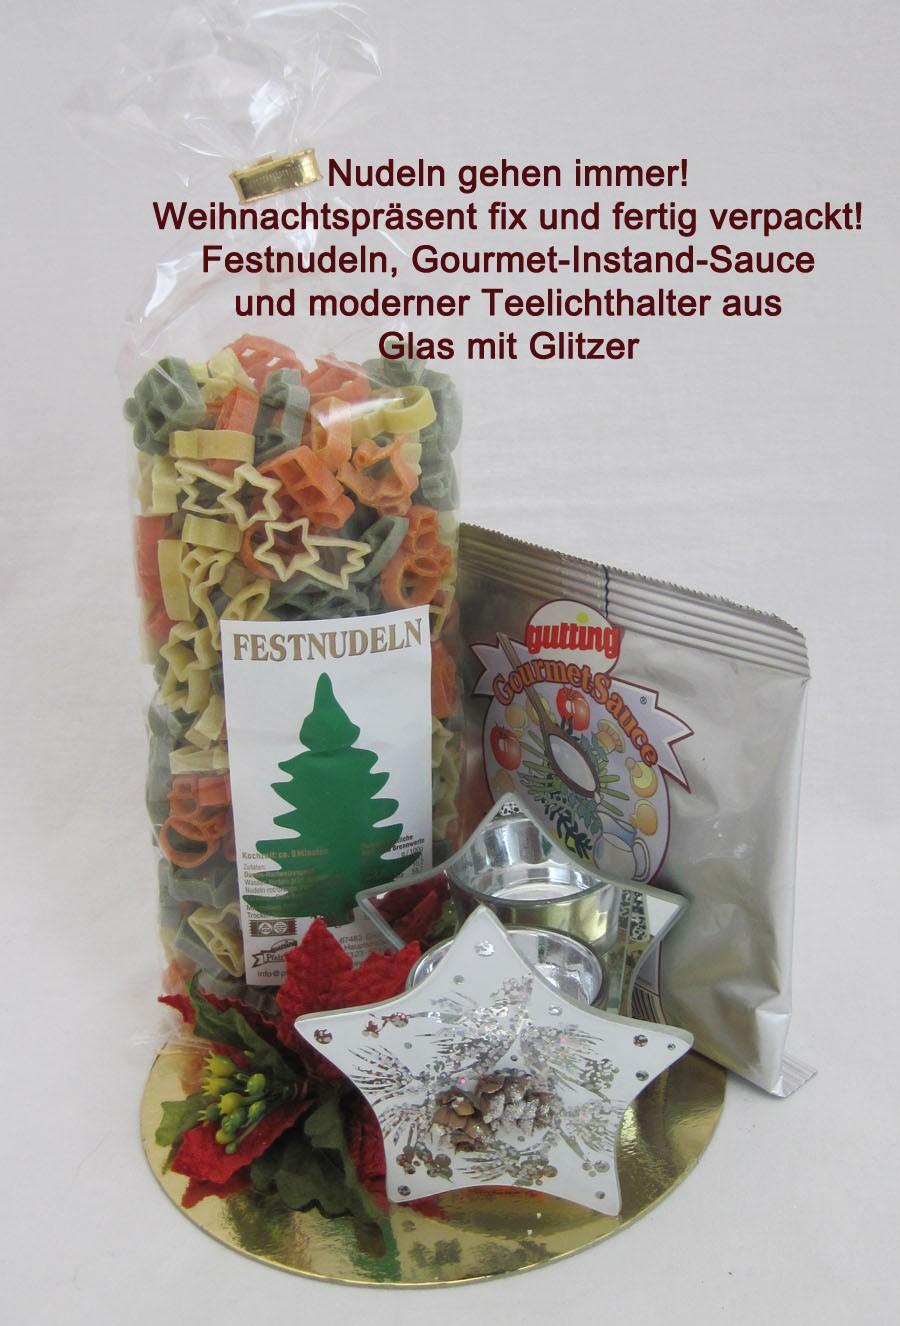 Nudelpräsent mit Gourmet-Instand-Sauce und Teelicht-Stern mit Glitzer